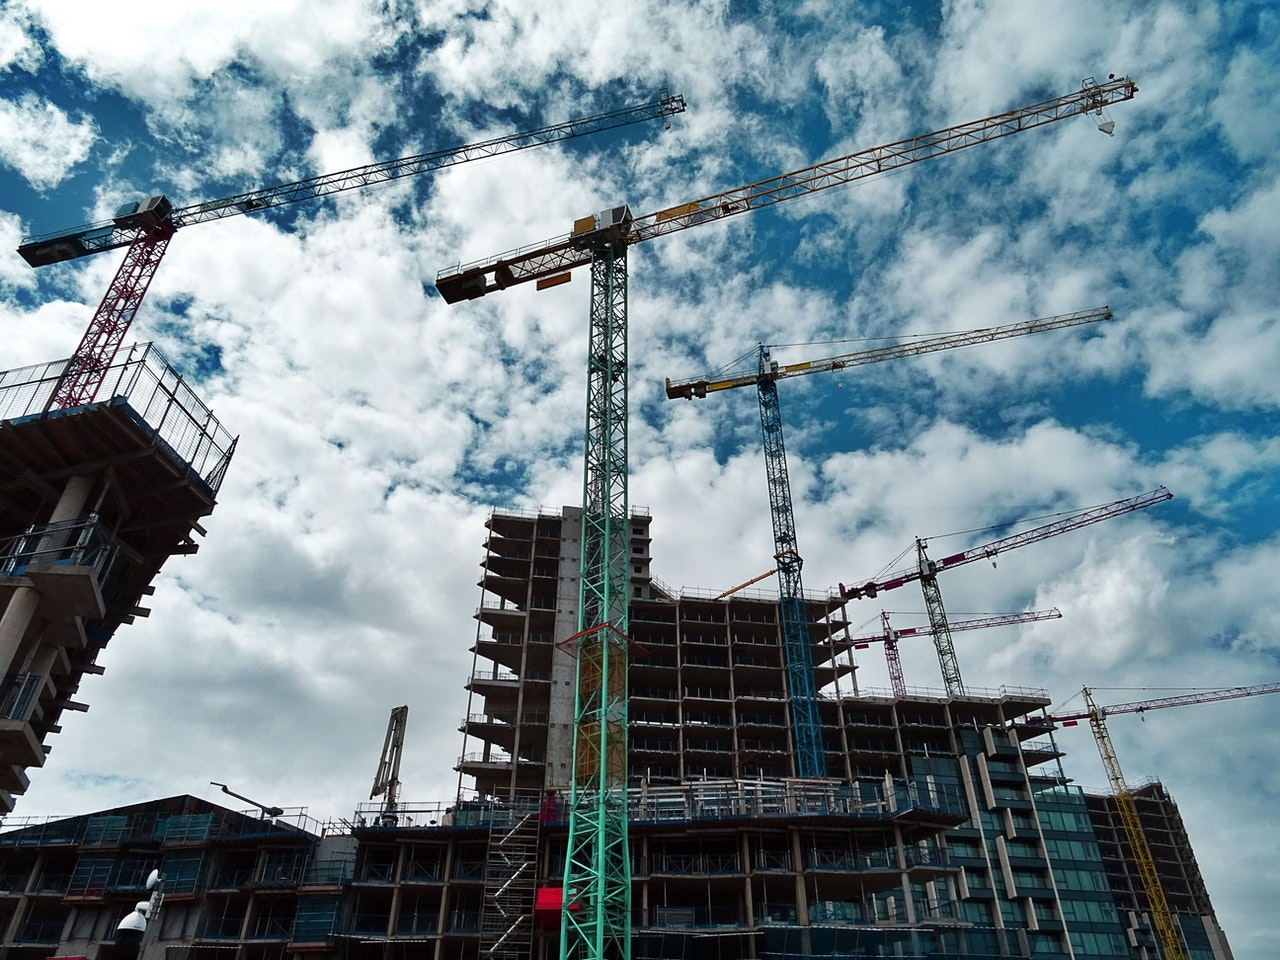 नगरपालिकामा भवन निर्माण अवेदनका लागि चाहिने आवश्यक कागजातहरु